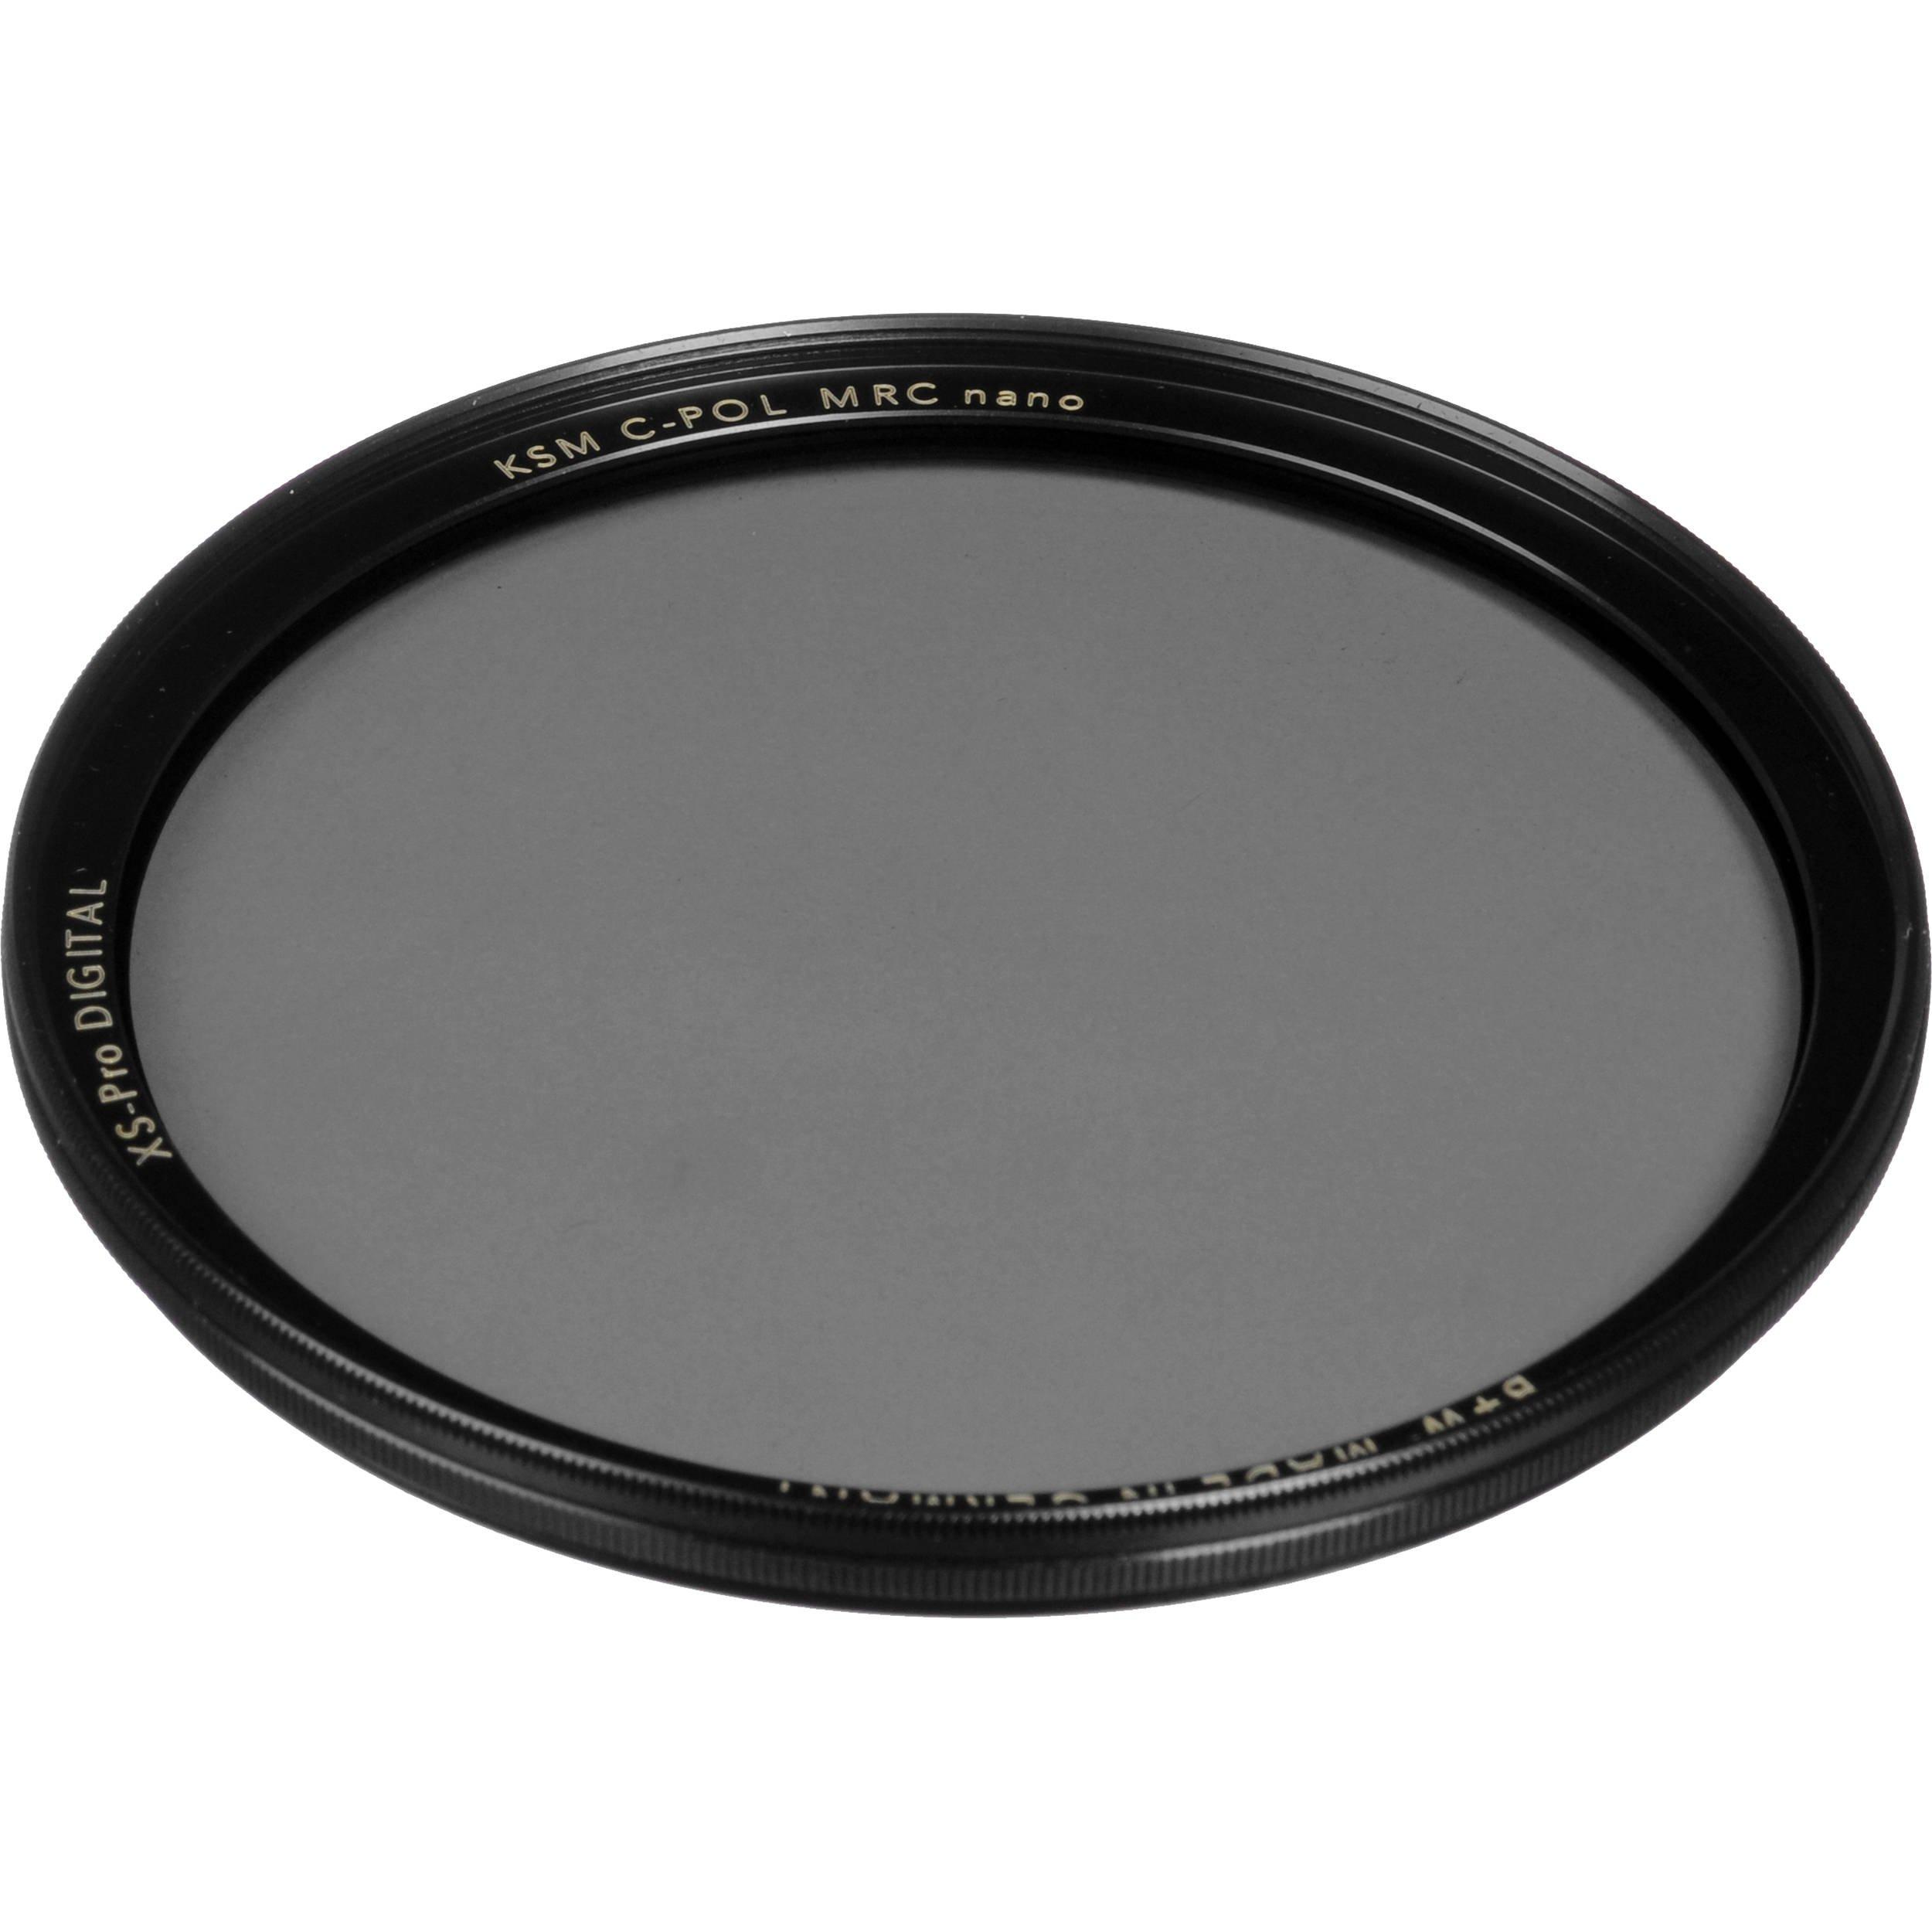 B+W filtr Polarizační cirkulární KSM XS-Pro HTC Digital MRC nano 82 mm